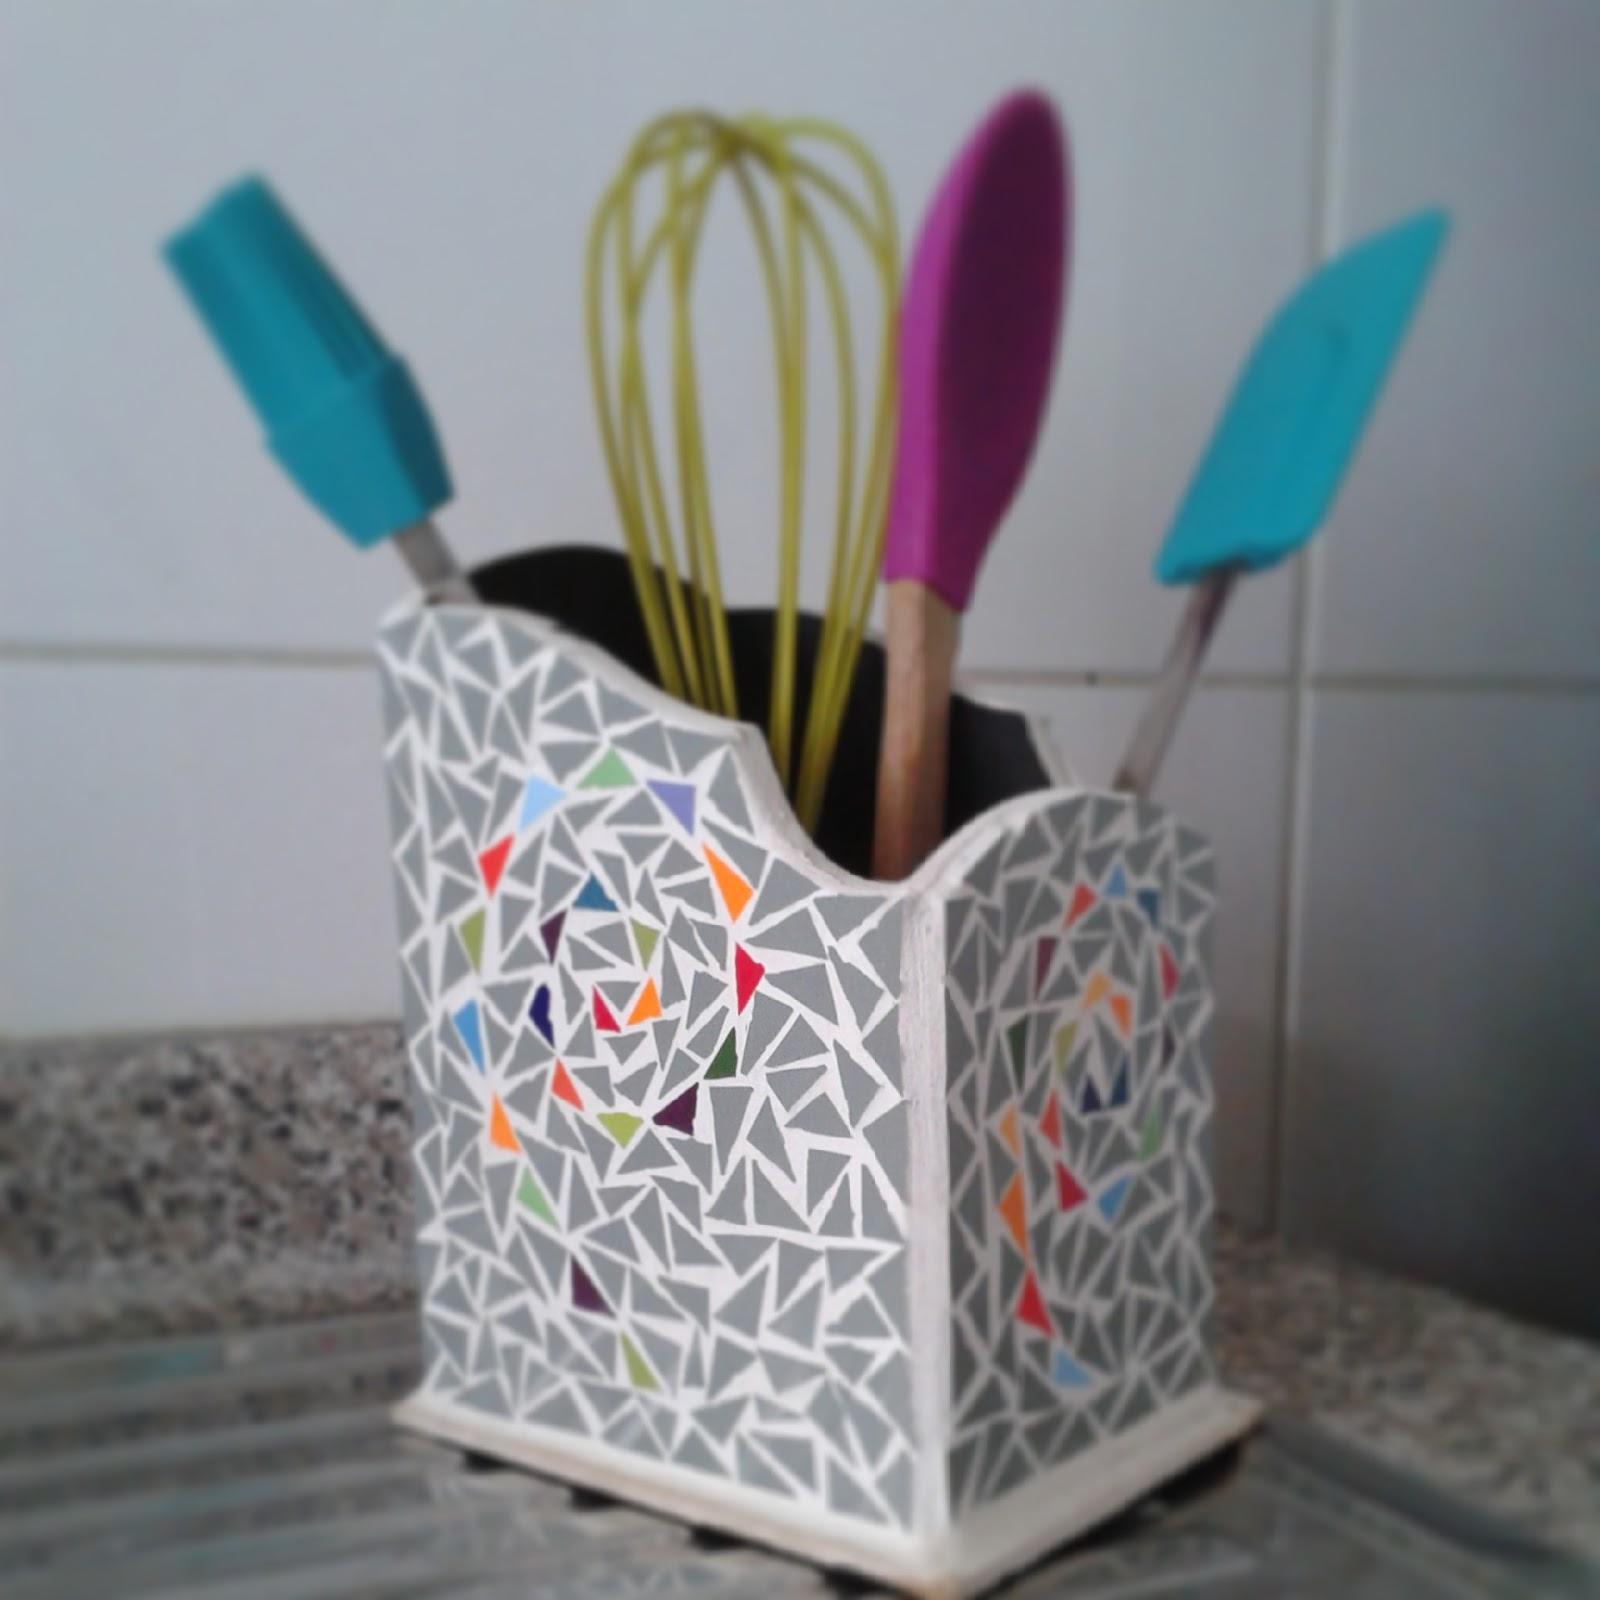 Porta utensilios de cocina cosas lindas de mosaico for Porta utensilios cocina